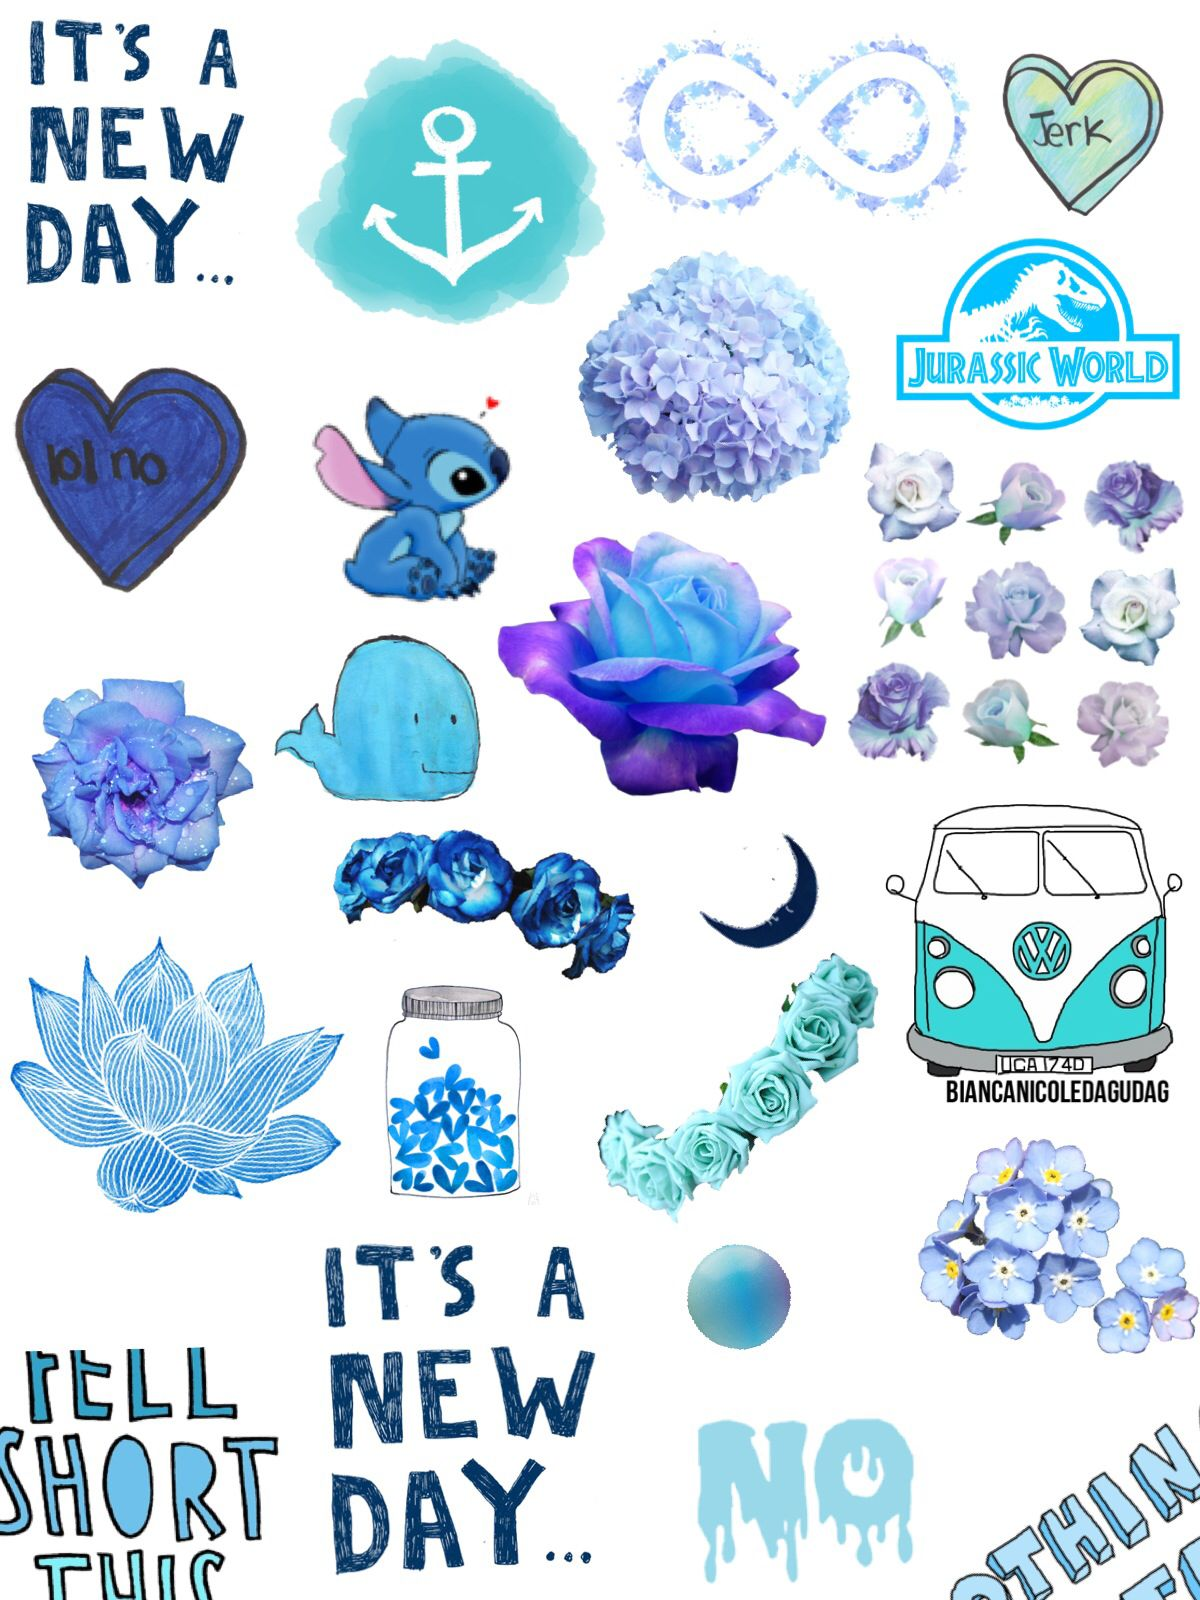 голубые картинки для дневника фейками интернете